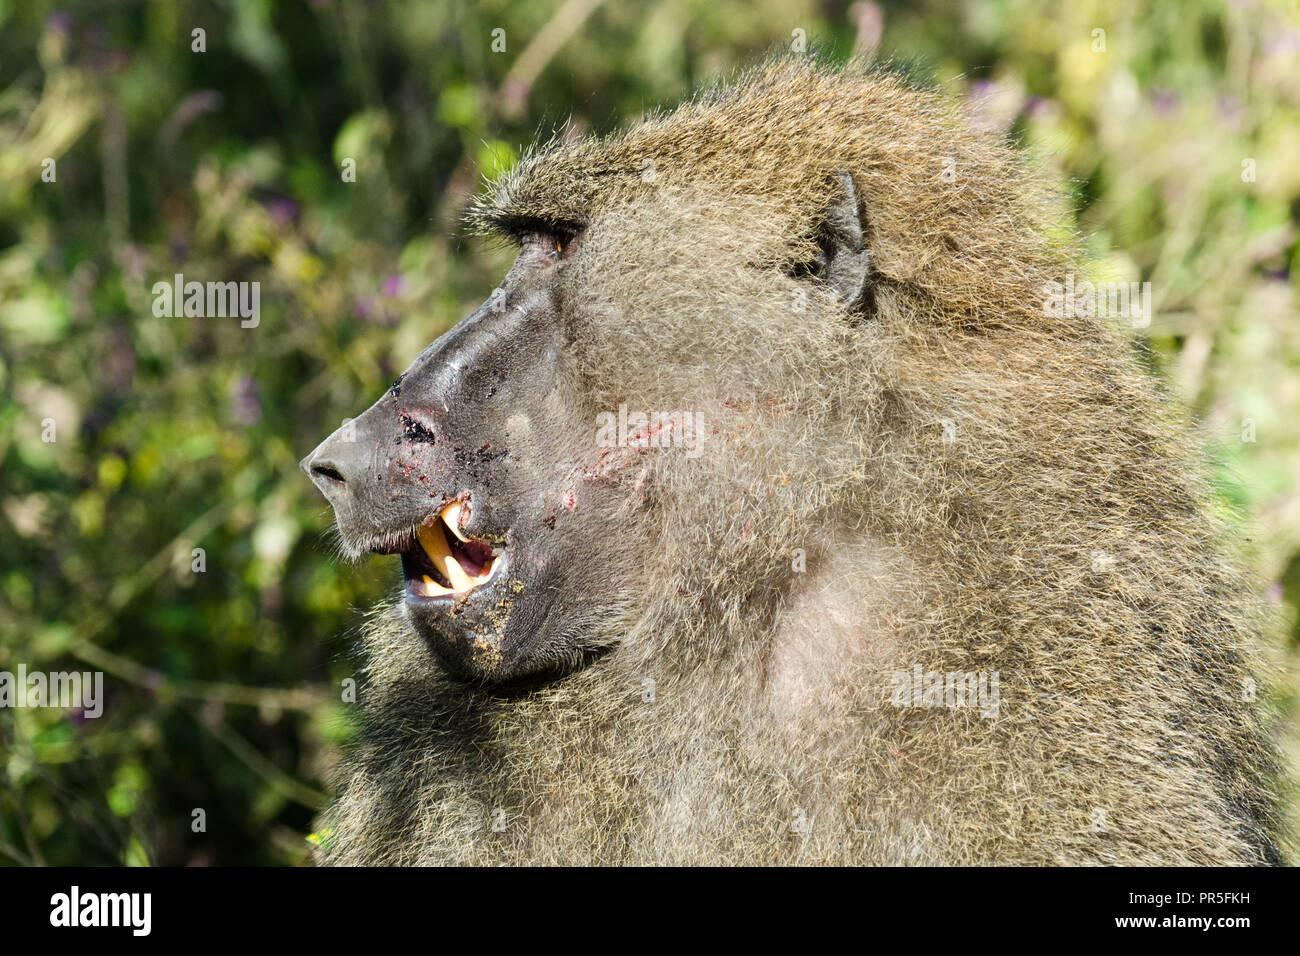 Scarred face of an olive baboon (Papio Anubis), Lake Nakuru, Kenya - Stock Image